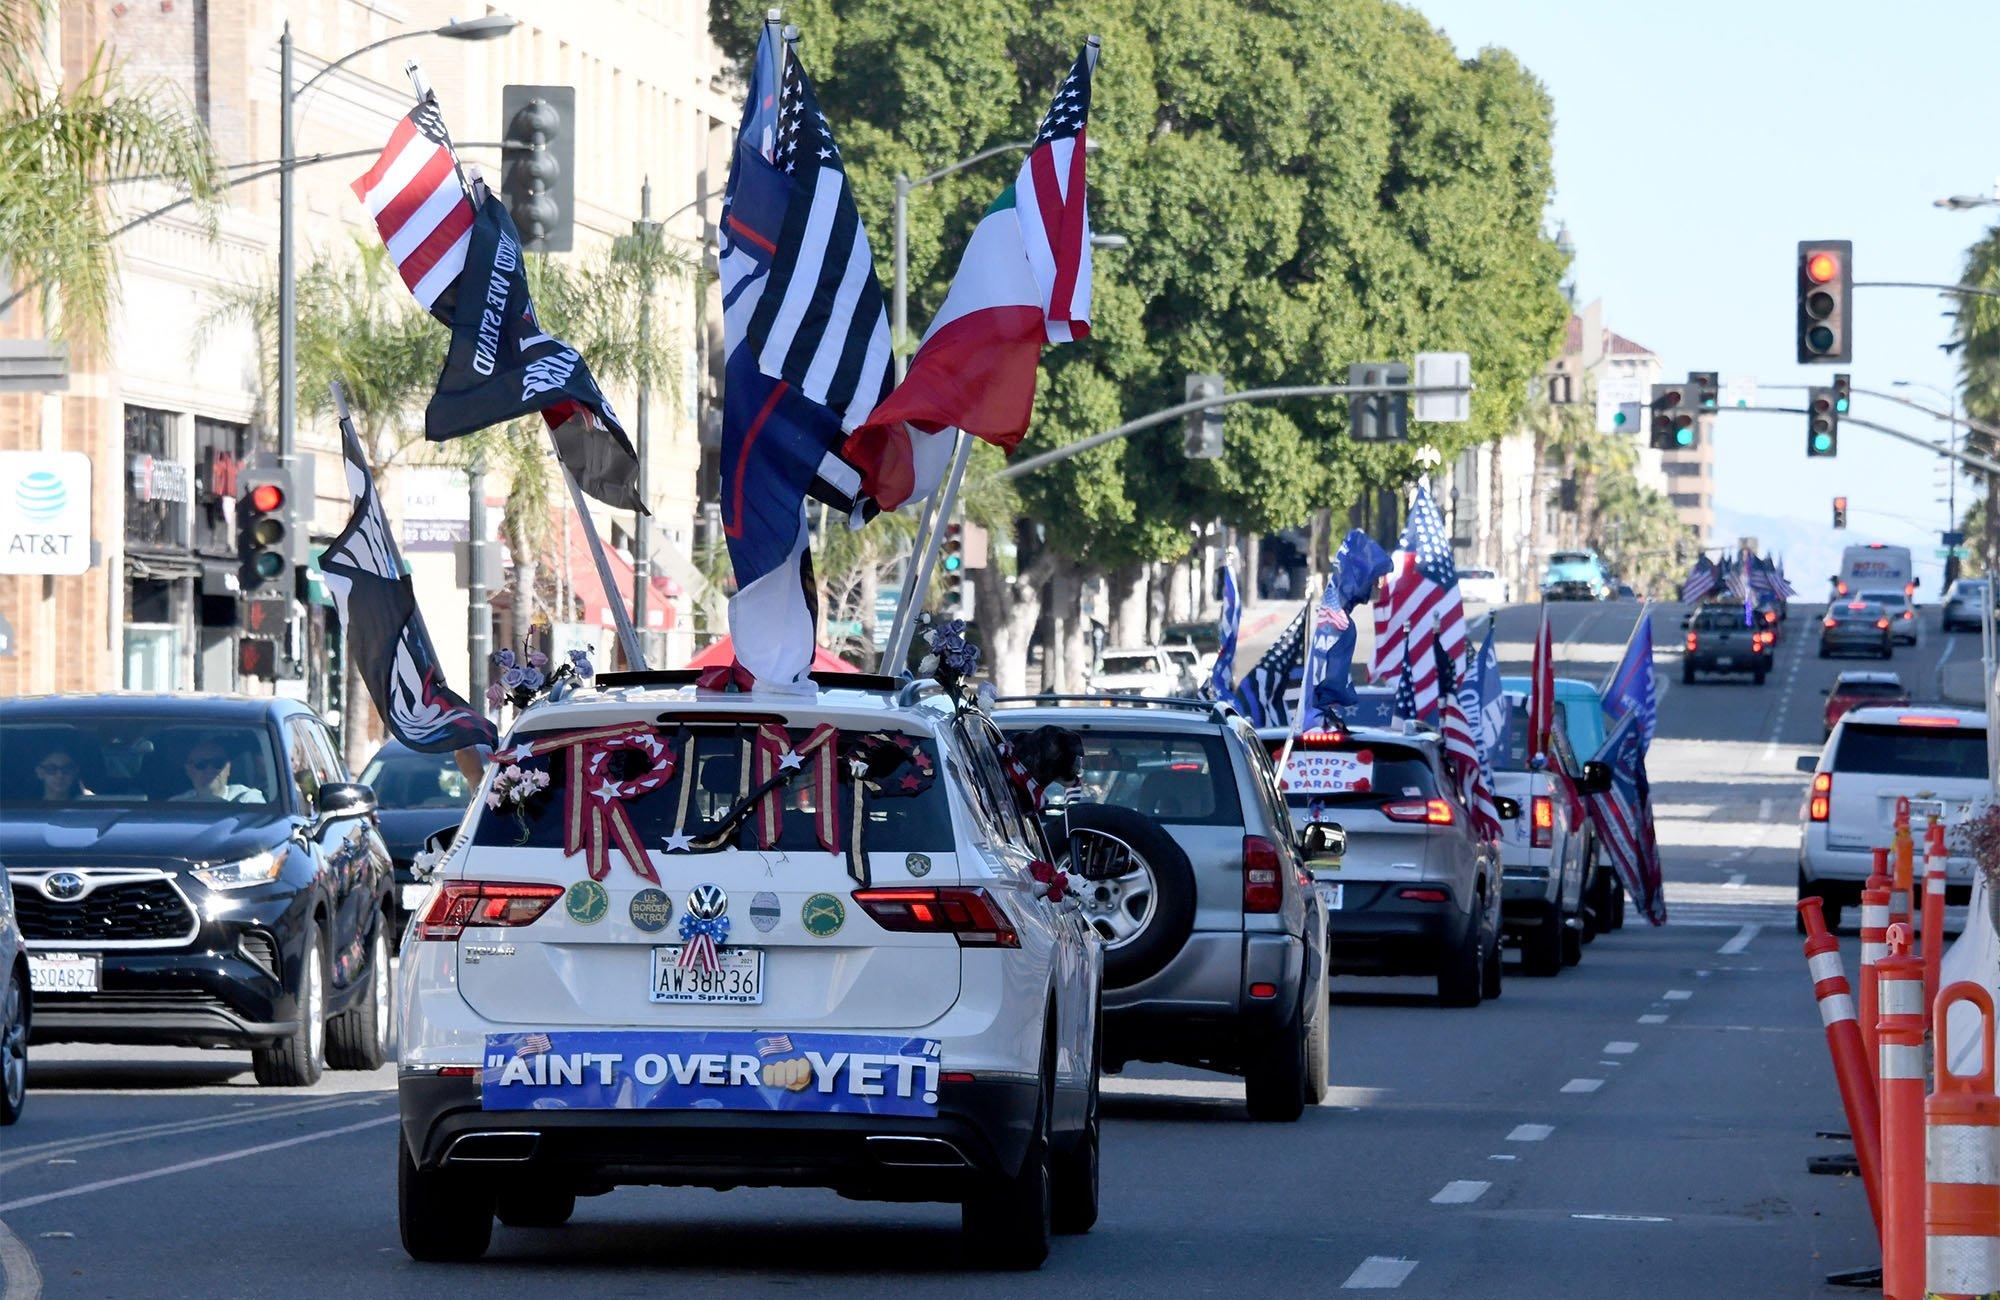 Caravana de seguidores de Trump en California.